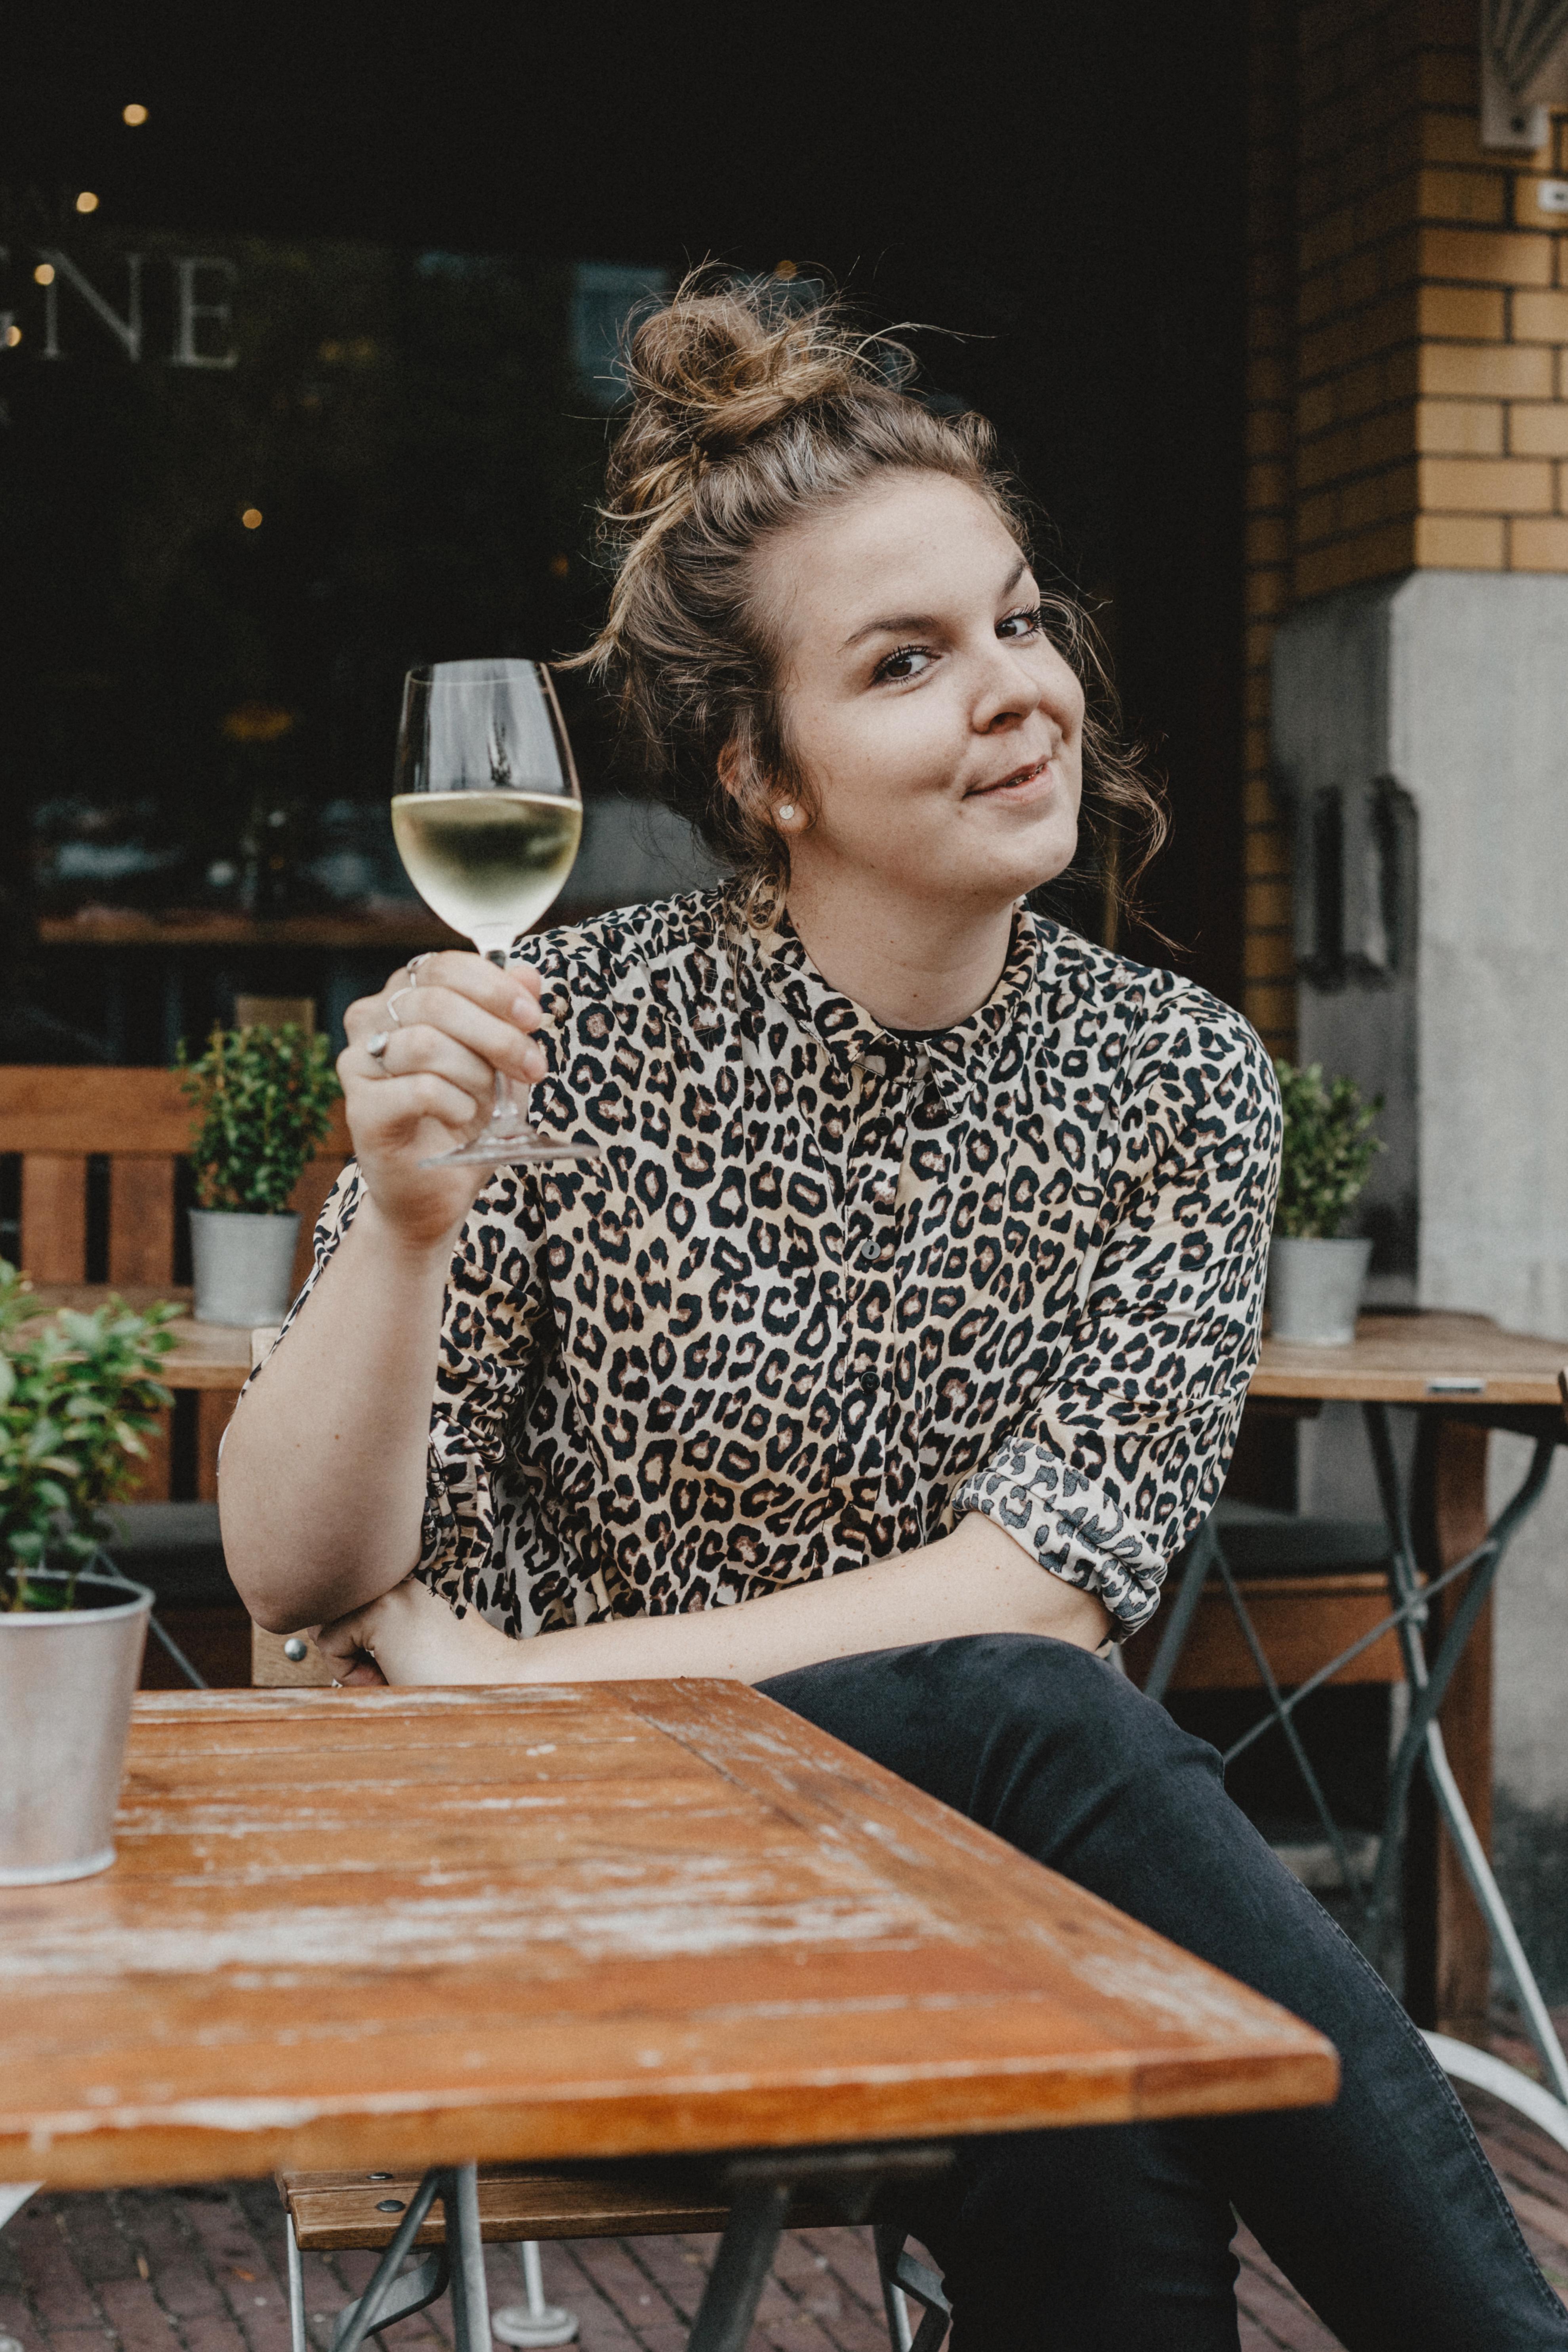 Wijntje op een terras